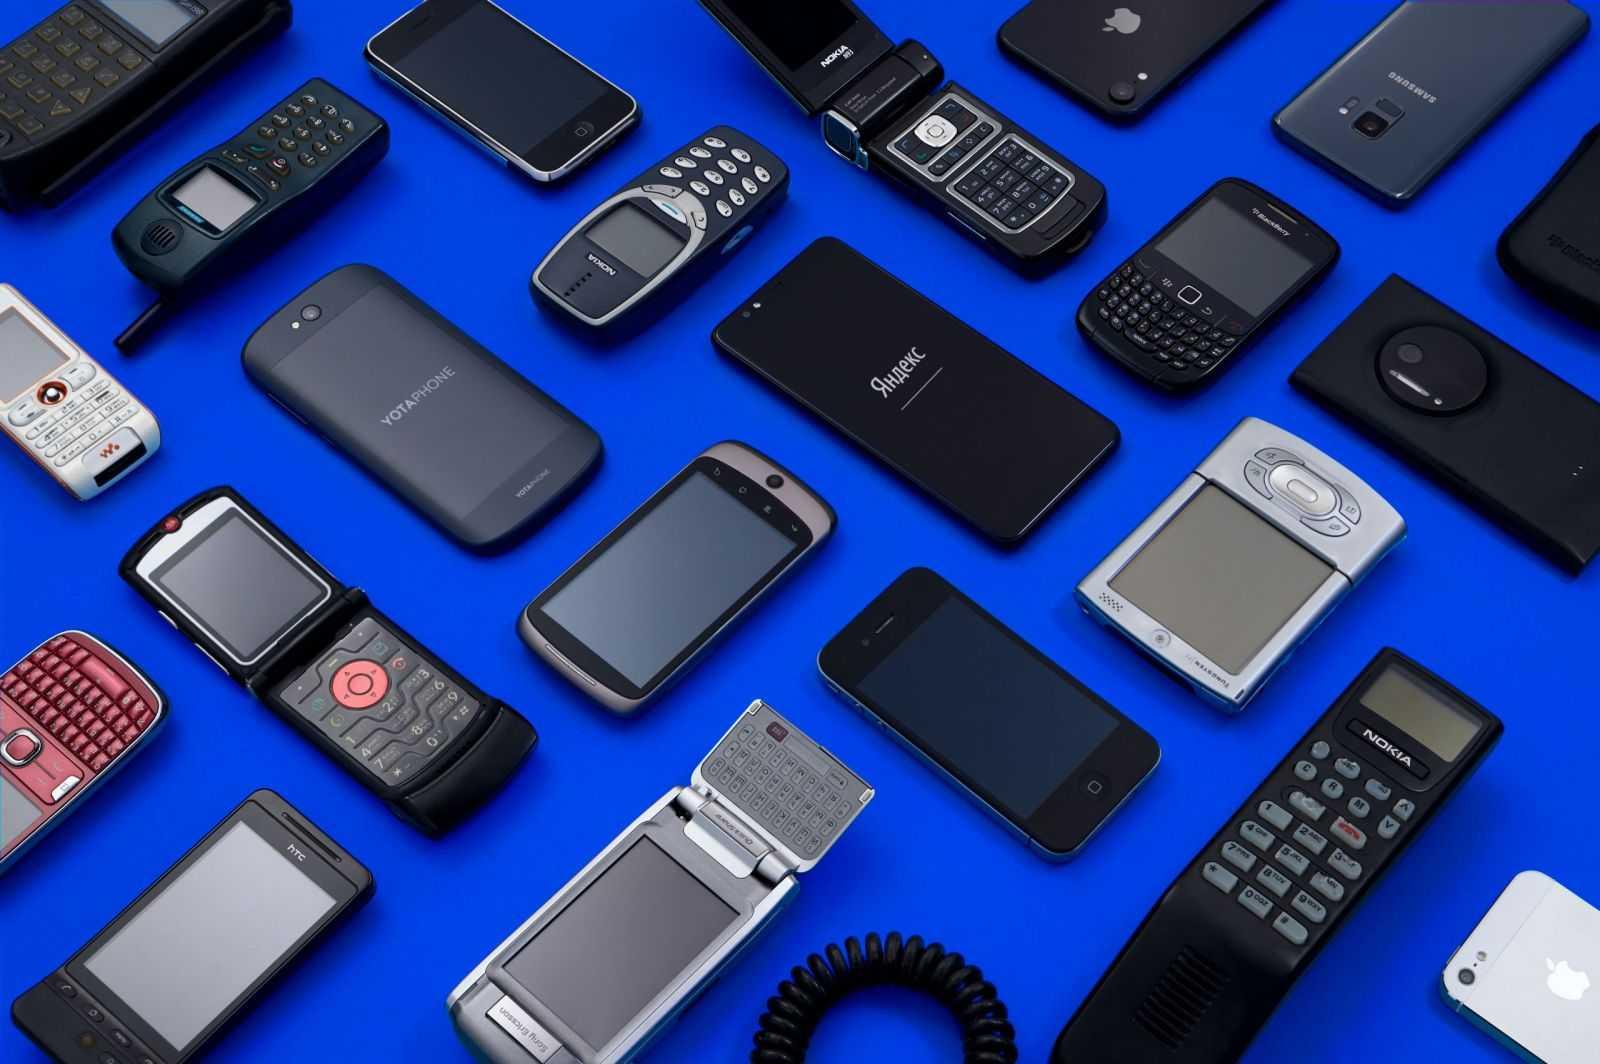 Яндекс Маркет открыл выставку смартфонов в музее Яндекса в Москве (telefony sinij scaled)